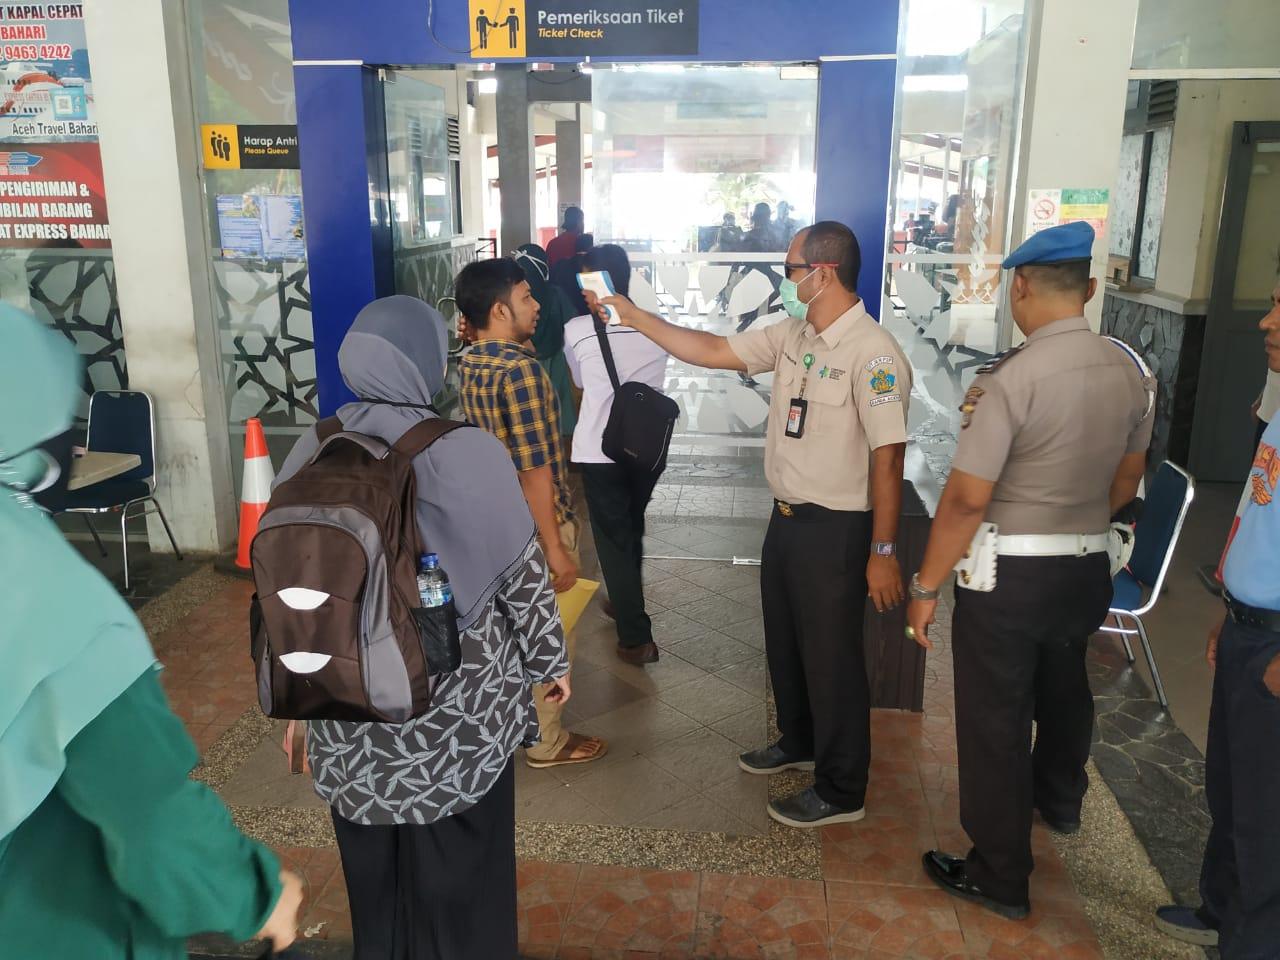 Gugus Tugas Kota Banda Aceh Melakukan Serangkaian Pencegahan Covid 19 Polresta Banda Aceh